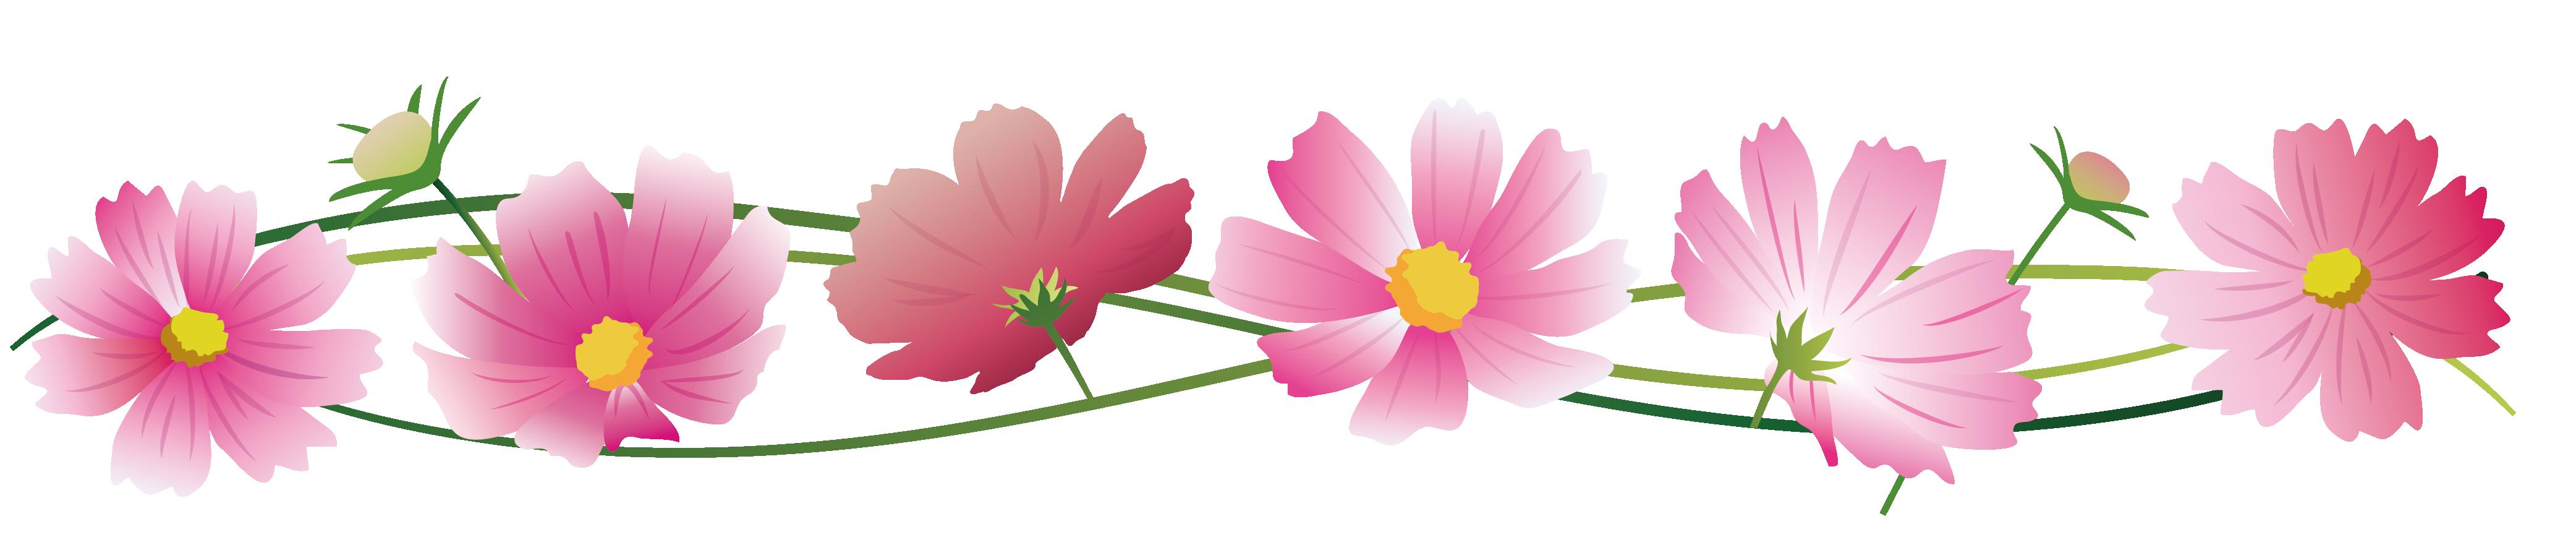 青空とコスモスの花イラスト